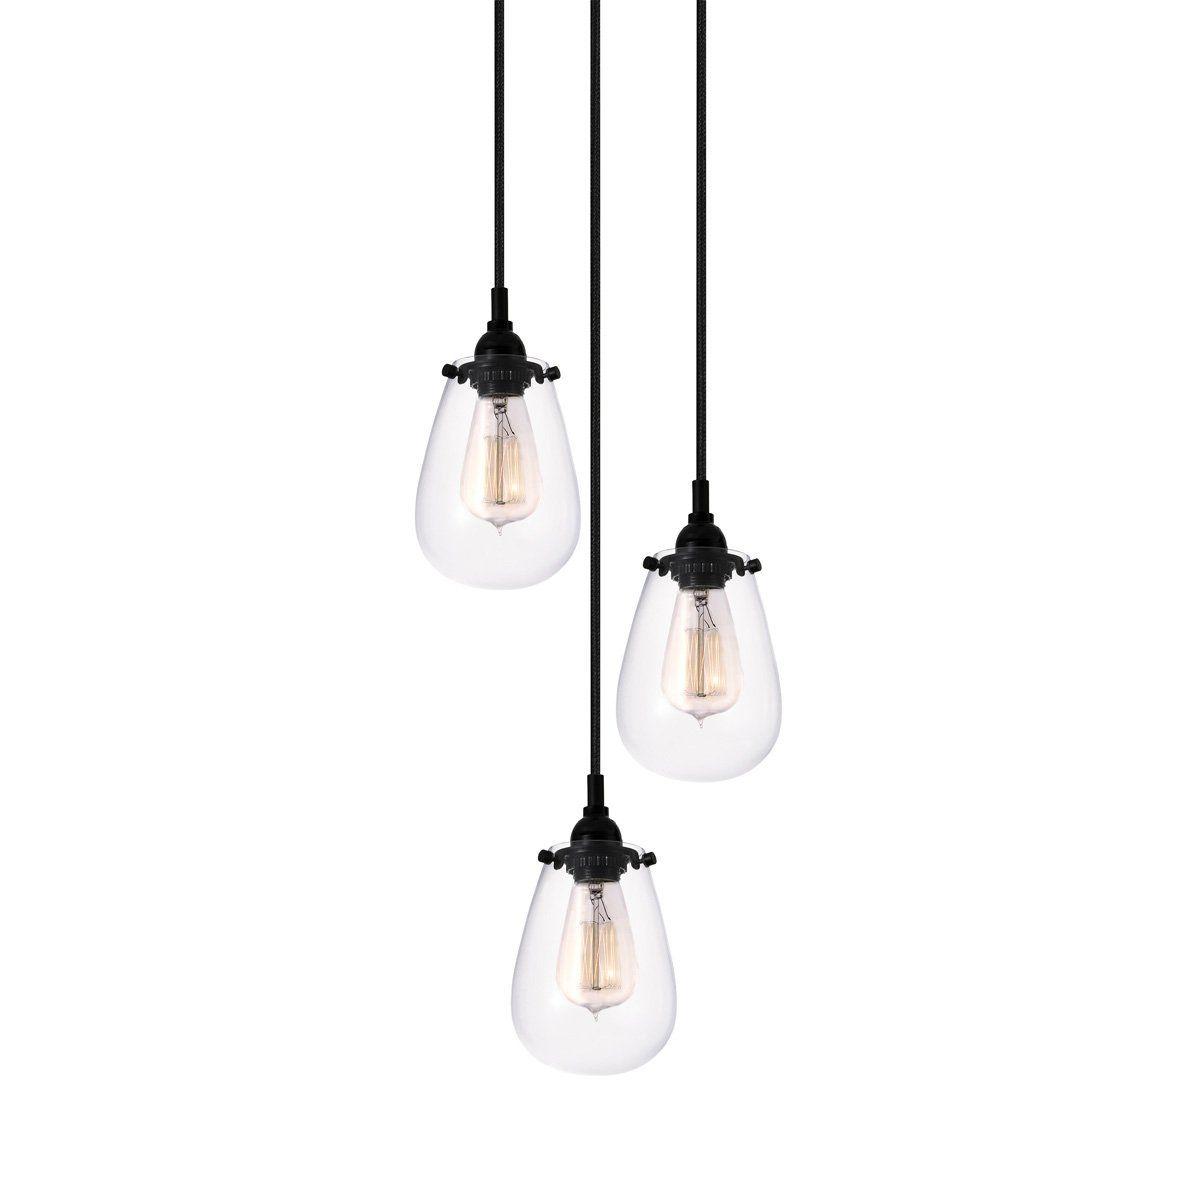 Sonneman 4293 25 Chelsea 3 Light Multi Light Pendant Multi Light Pendant Pendant Lighting Pendant Light